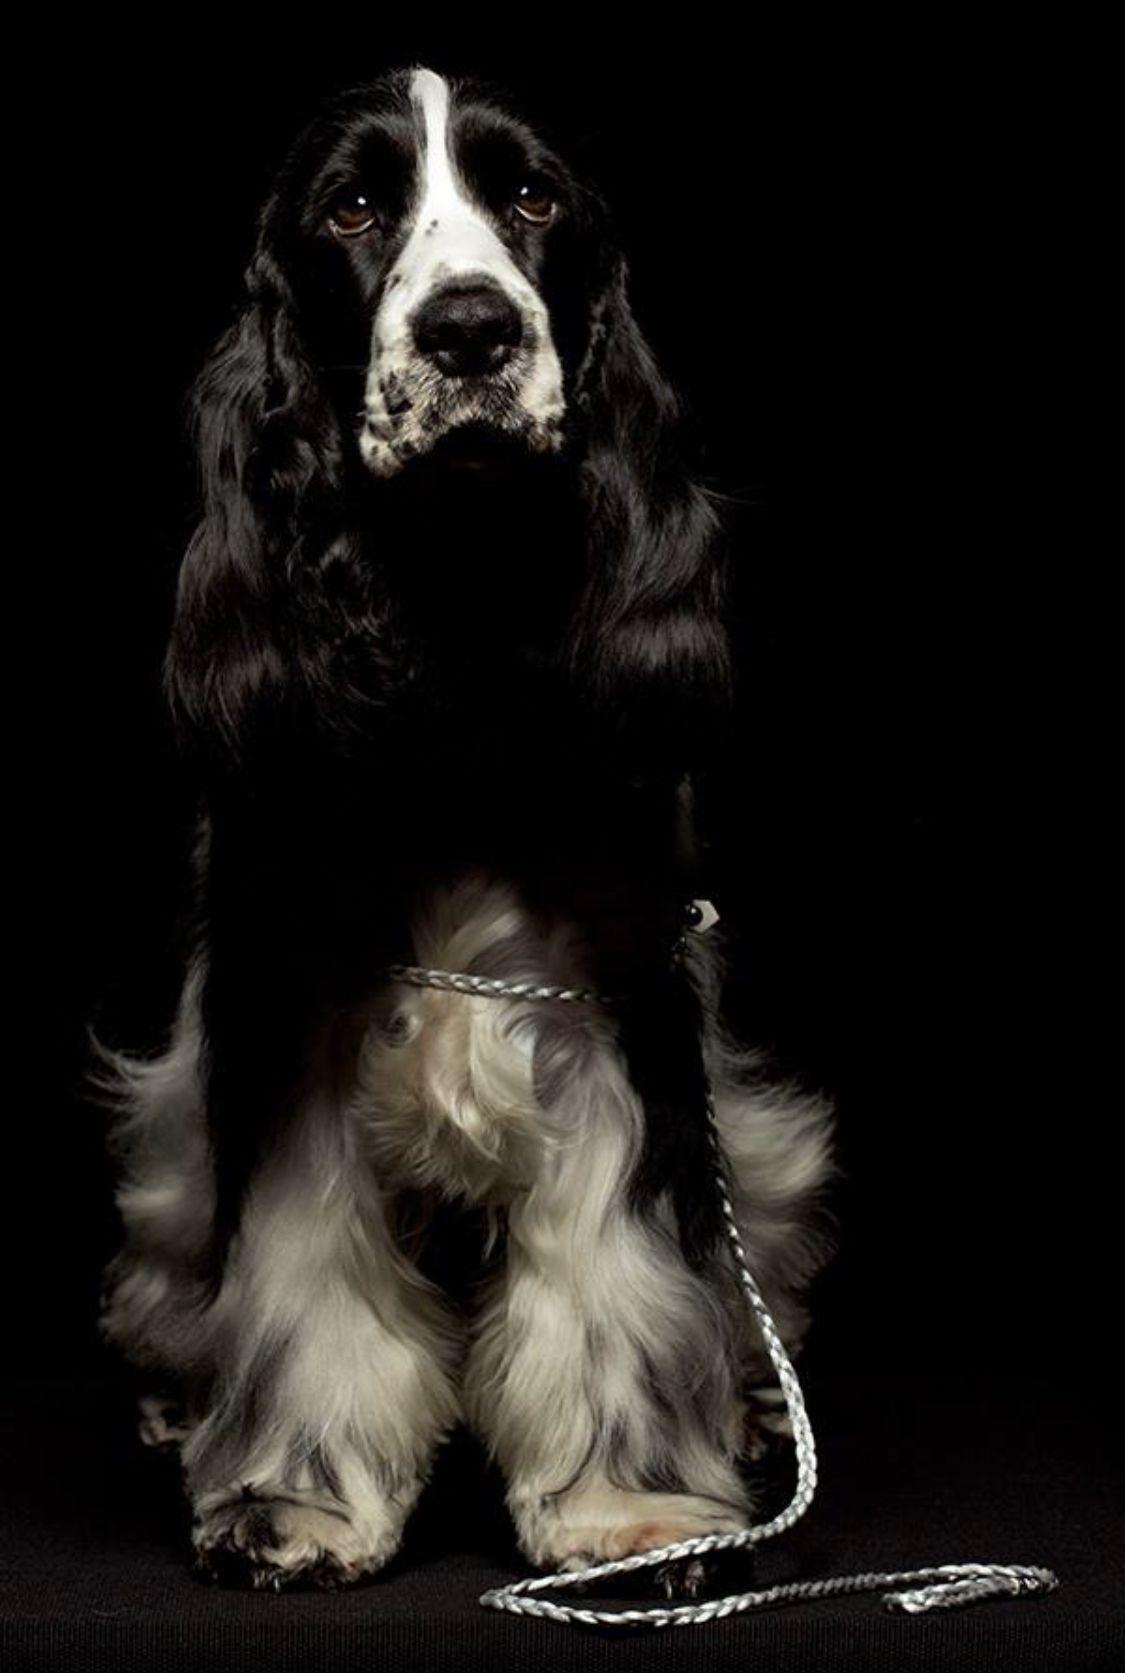 Pin By Debbie Davis On Sobaki Rare Dog Breeds Cocker Spaniel I Love Dogs